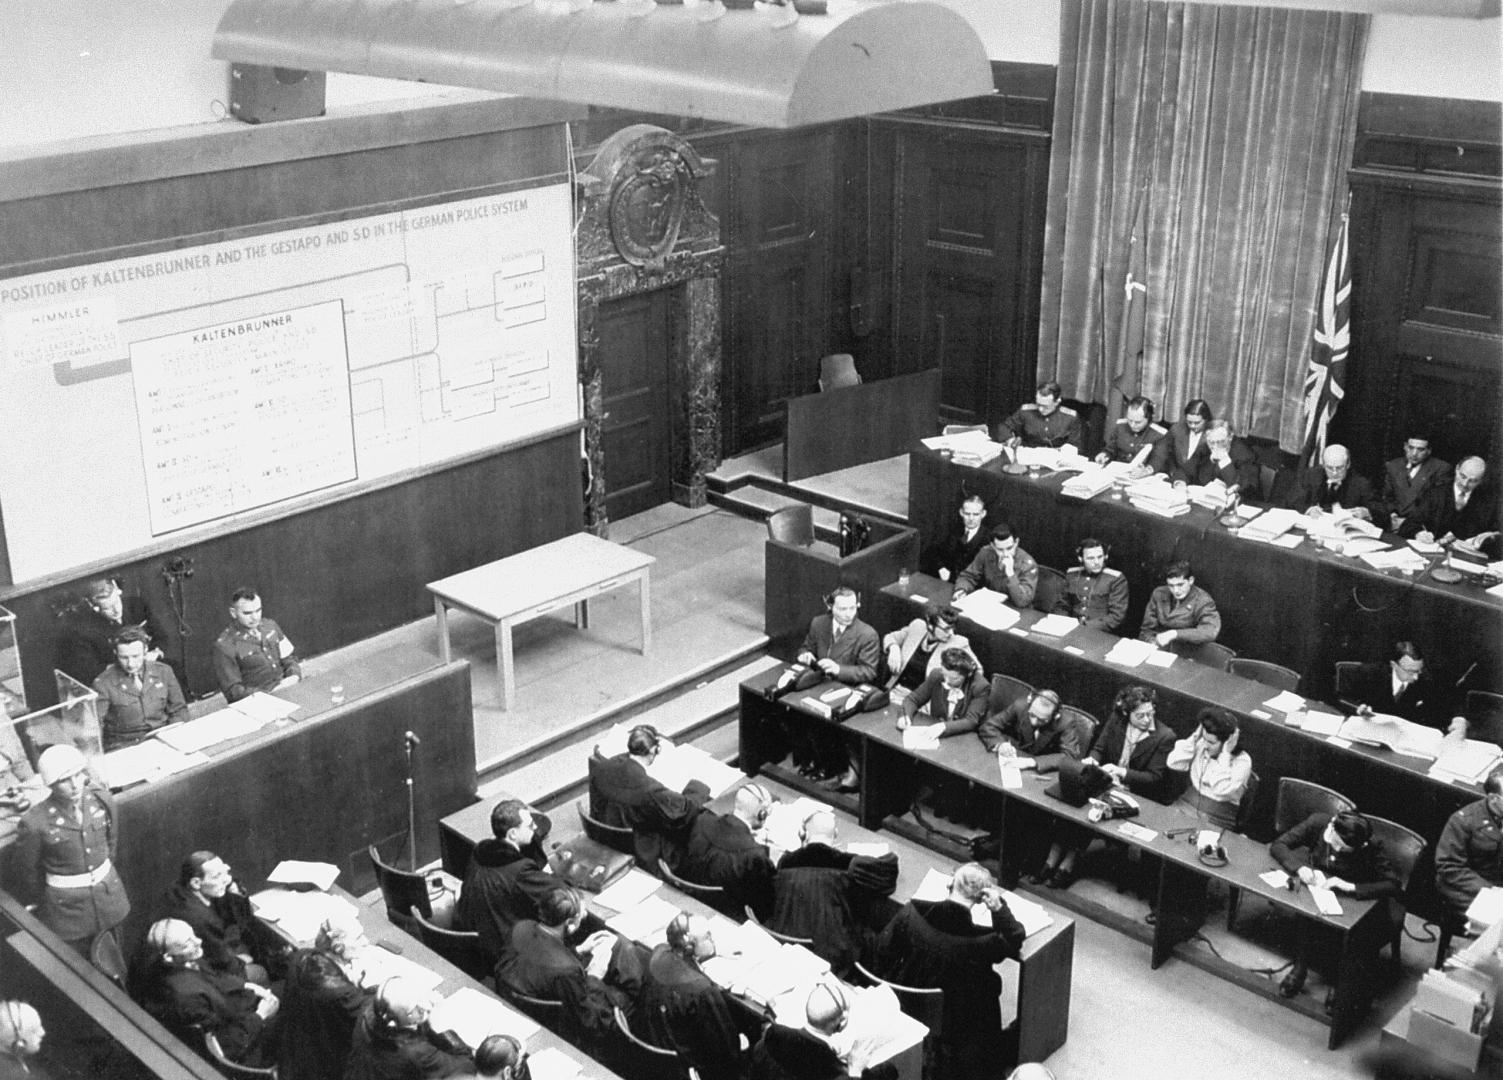 Рассмотрение роли Эрнста Кальтенбруннера в органах управления гитлеровской Германии, 28 декабря 1945 года. Фотограф — Раймонд Д'Аддарио